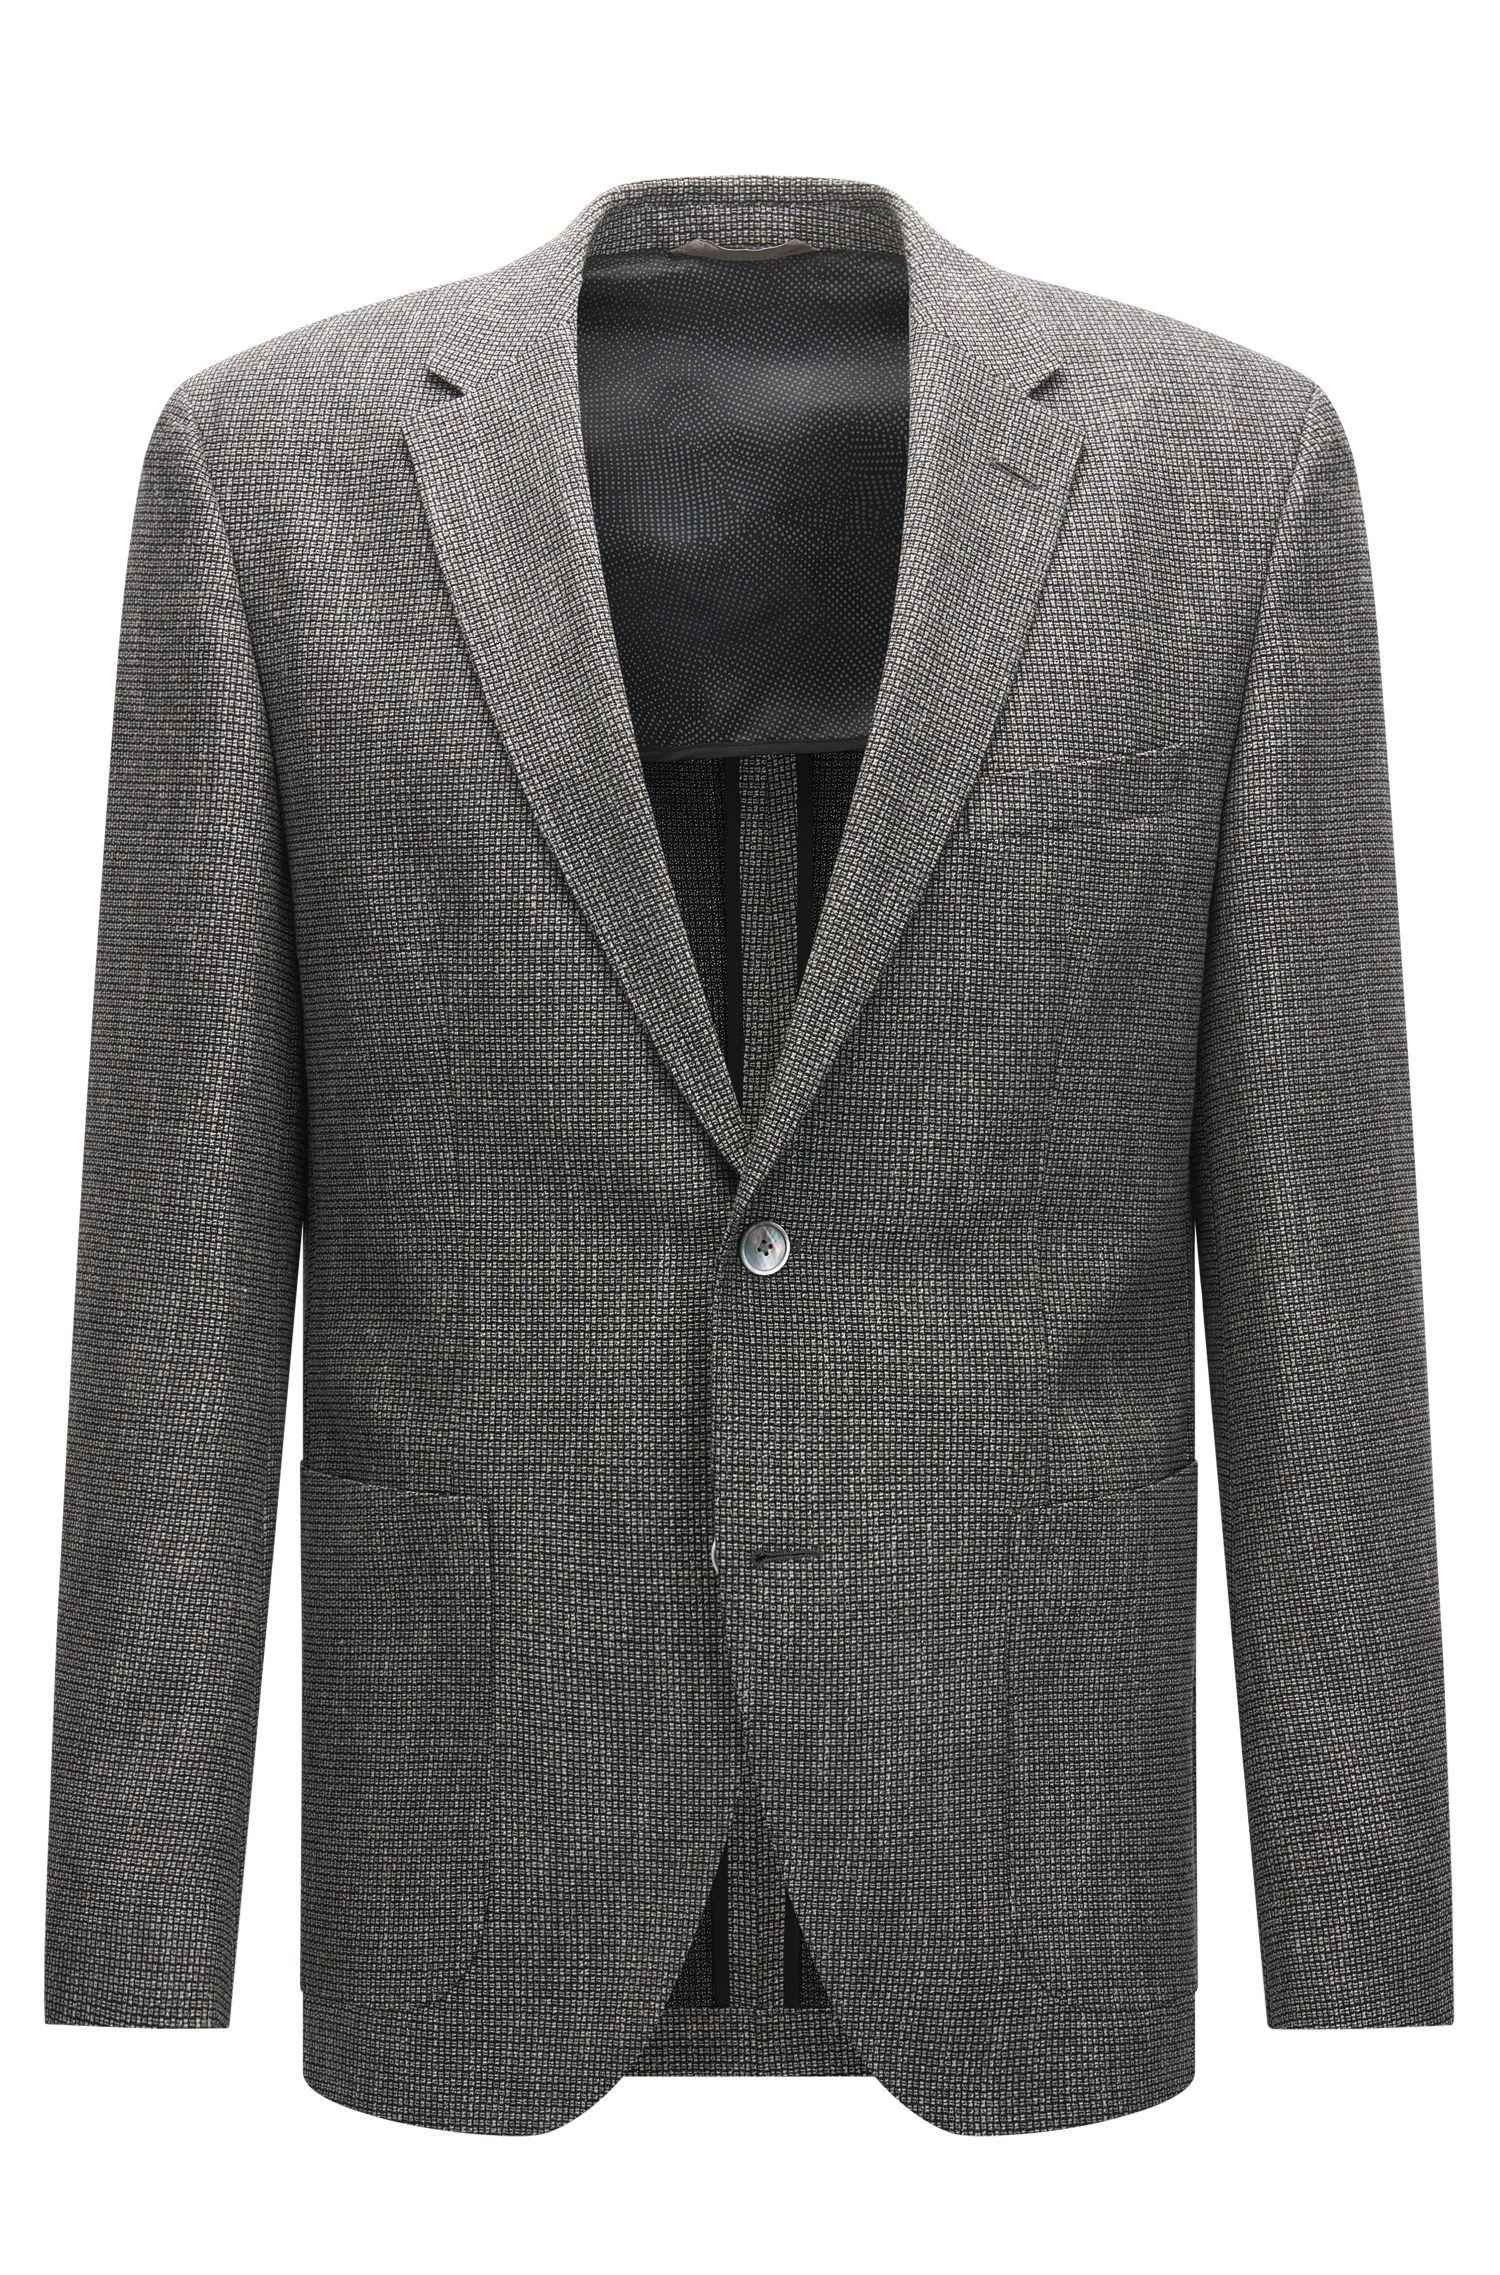 Veste Regular Fit en tissu structuré bicolore